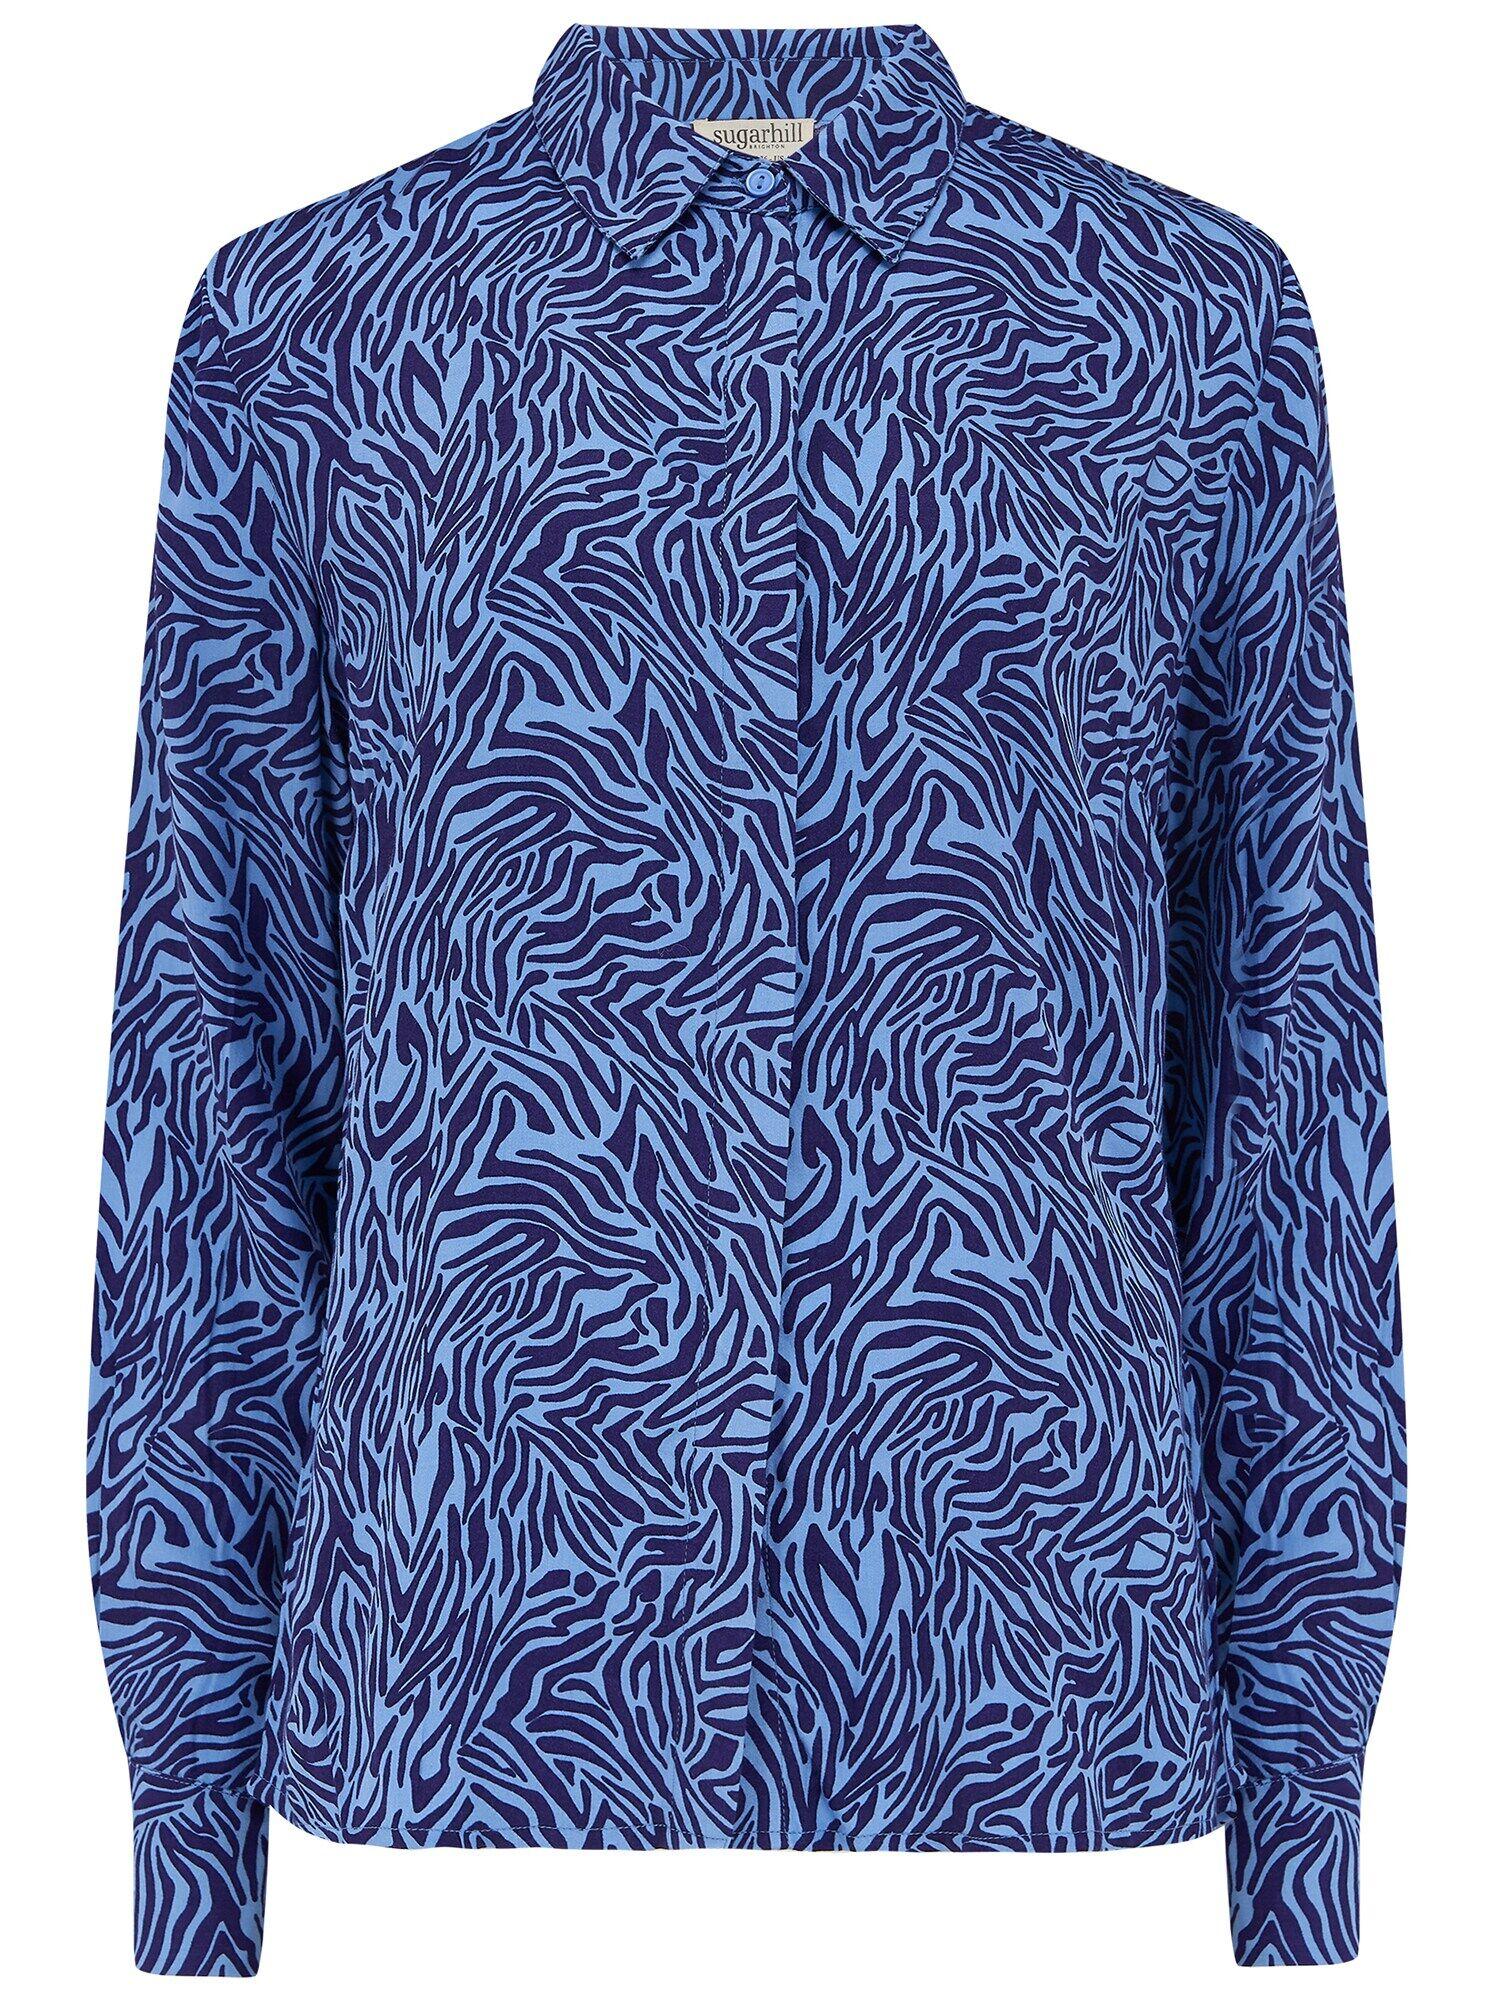 sugarhill brighton camicia da donna 'joy poolside' blu